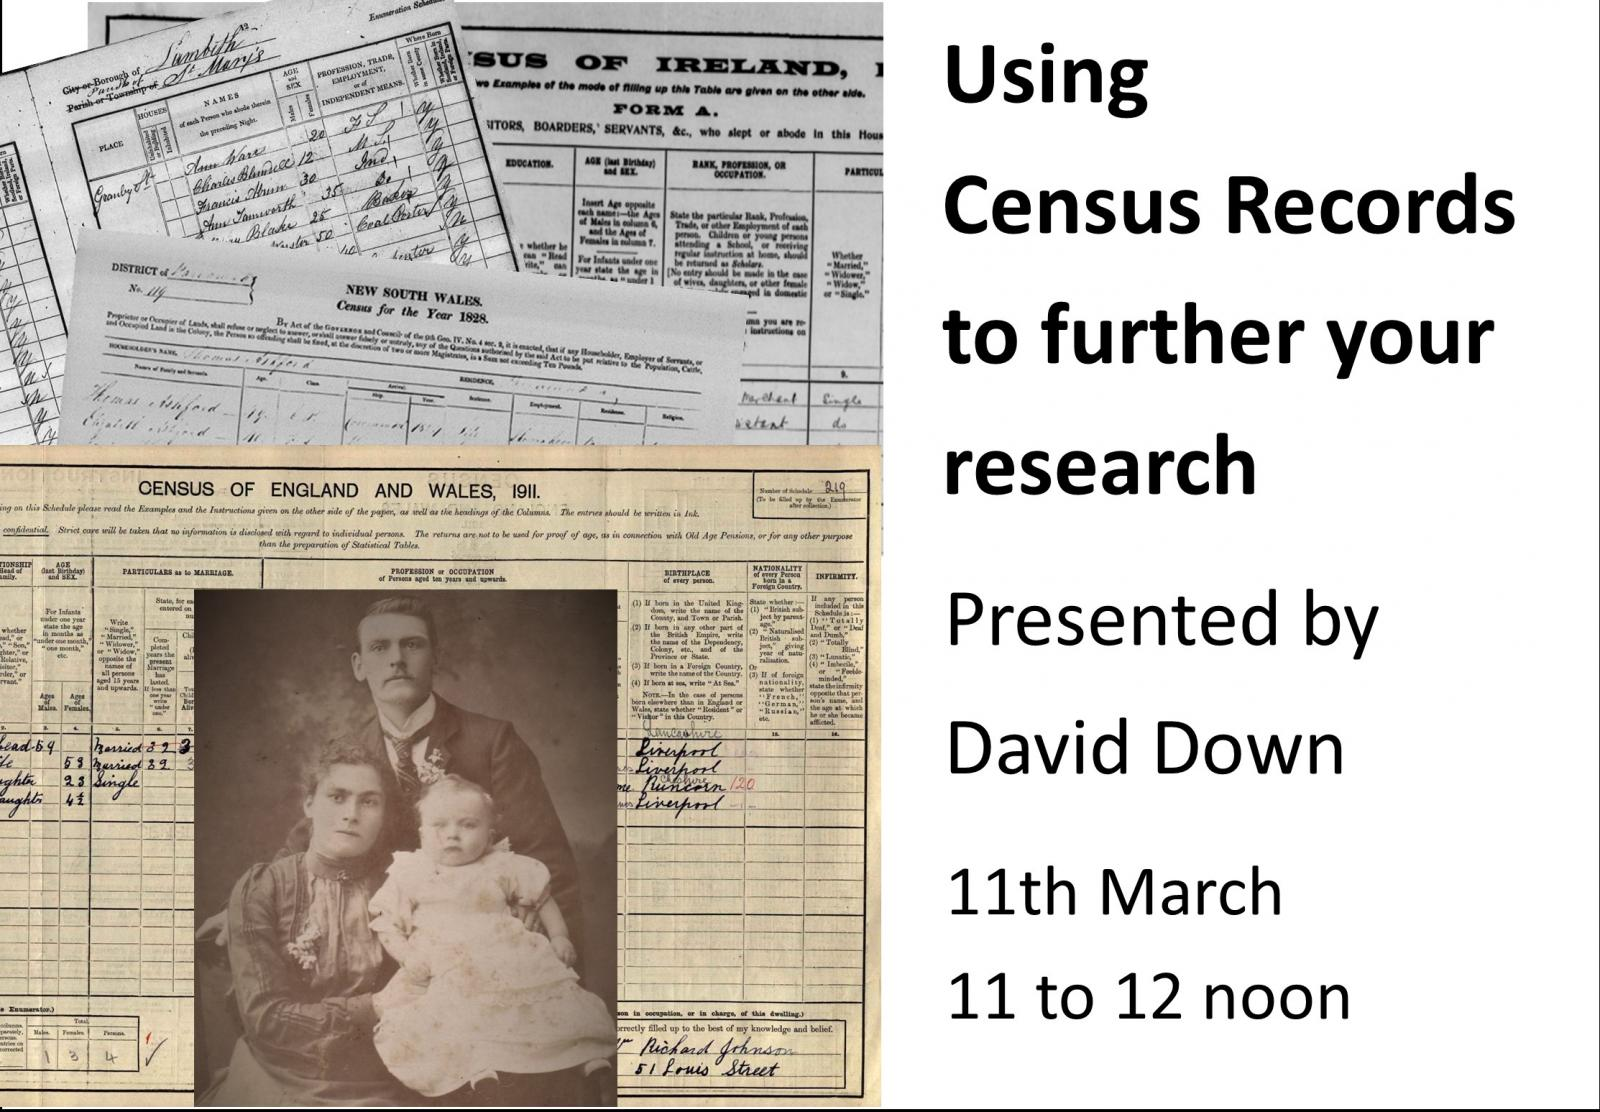 Using Census Records